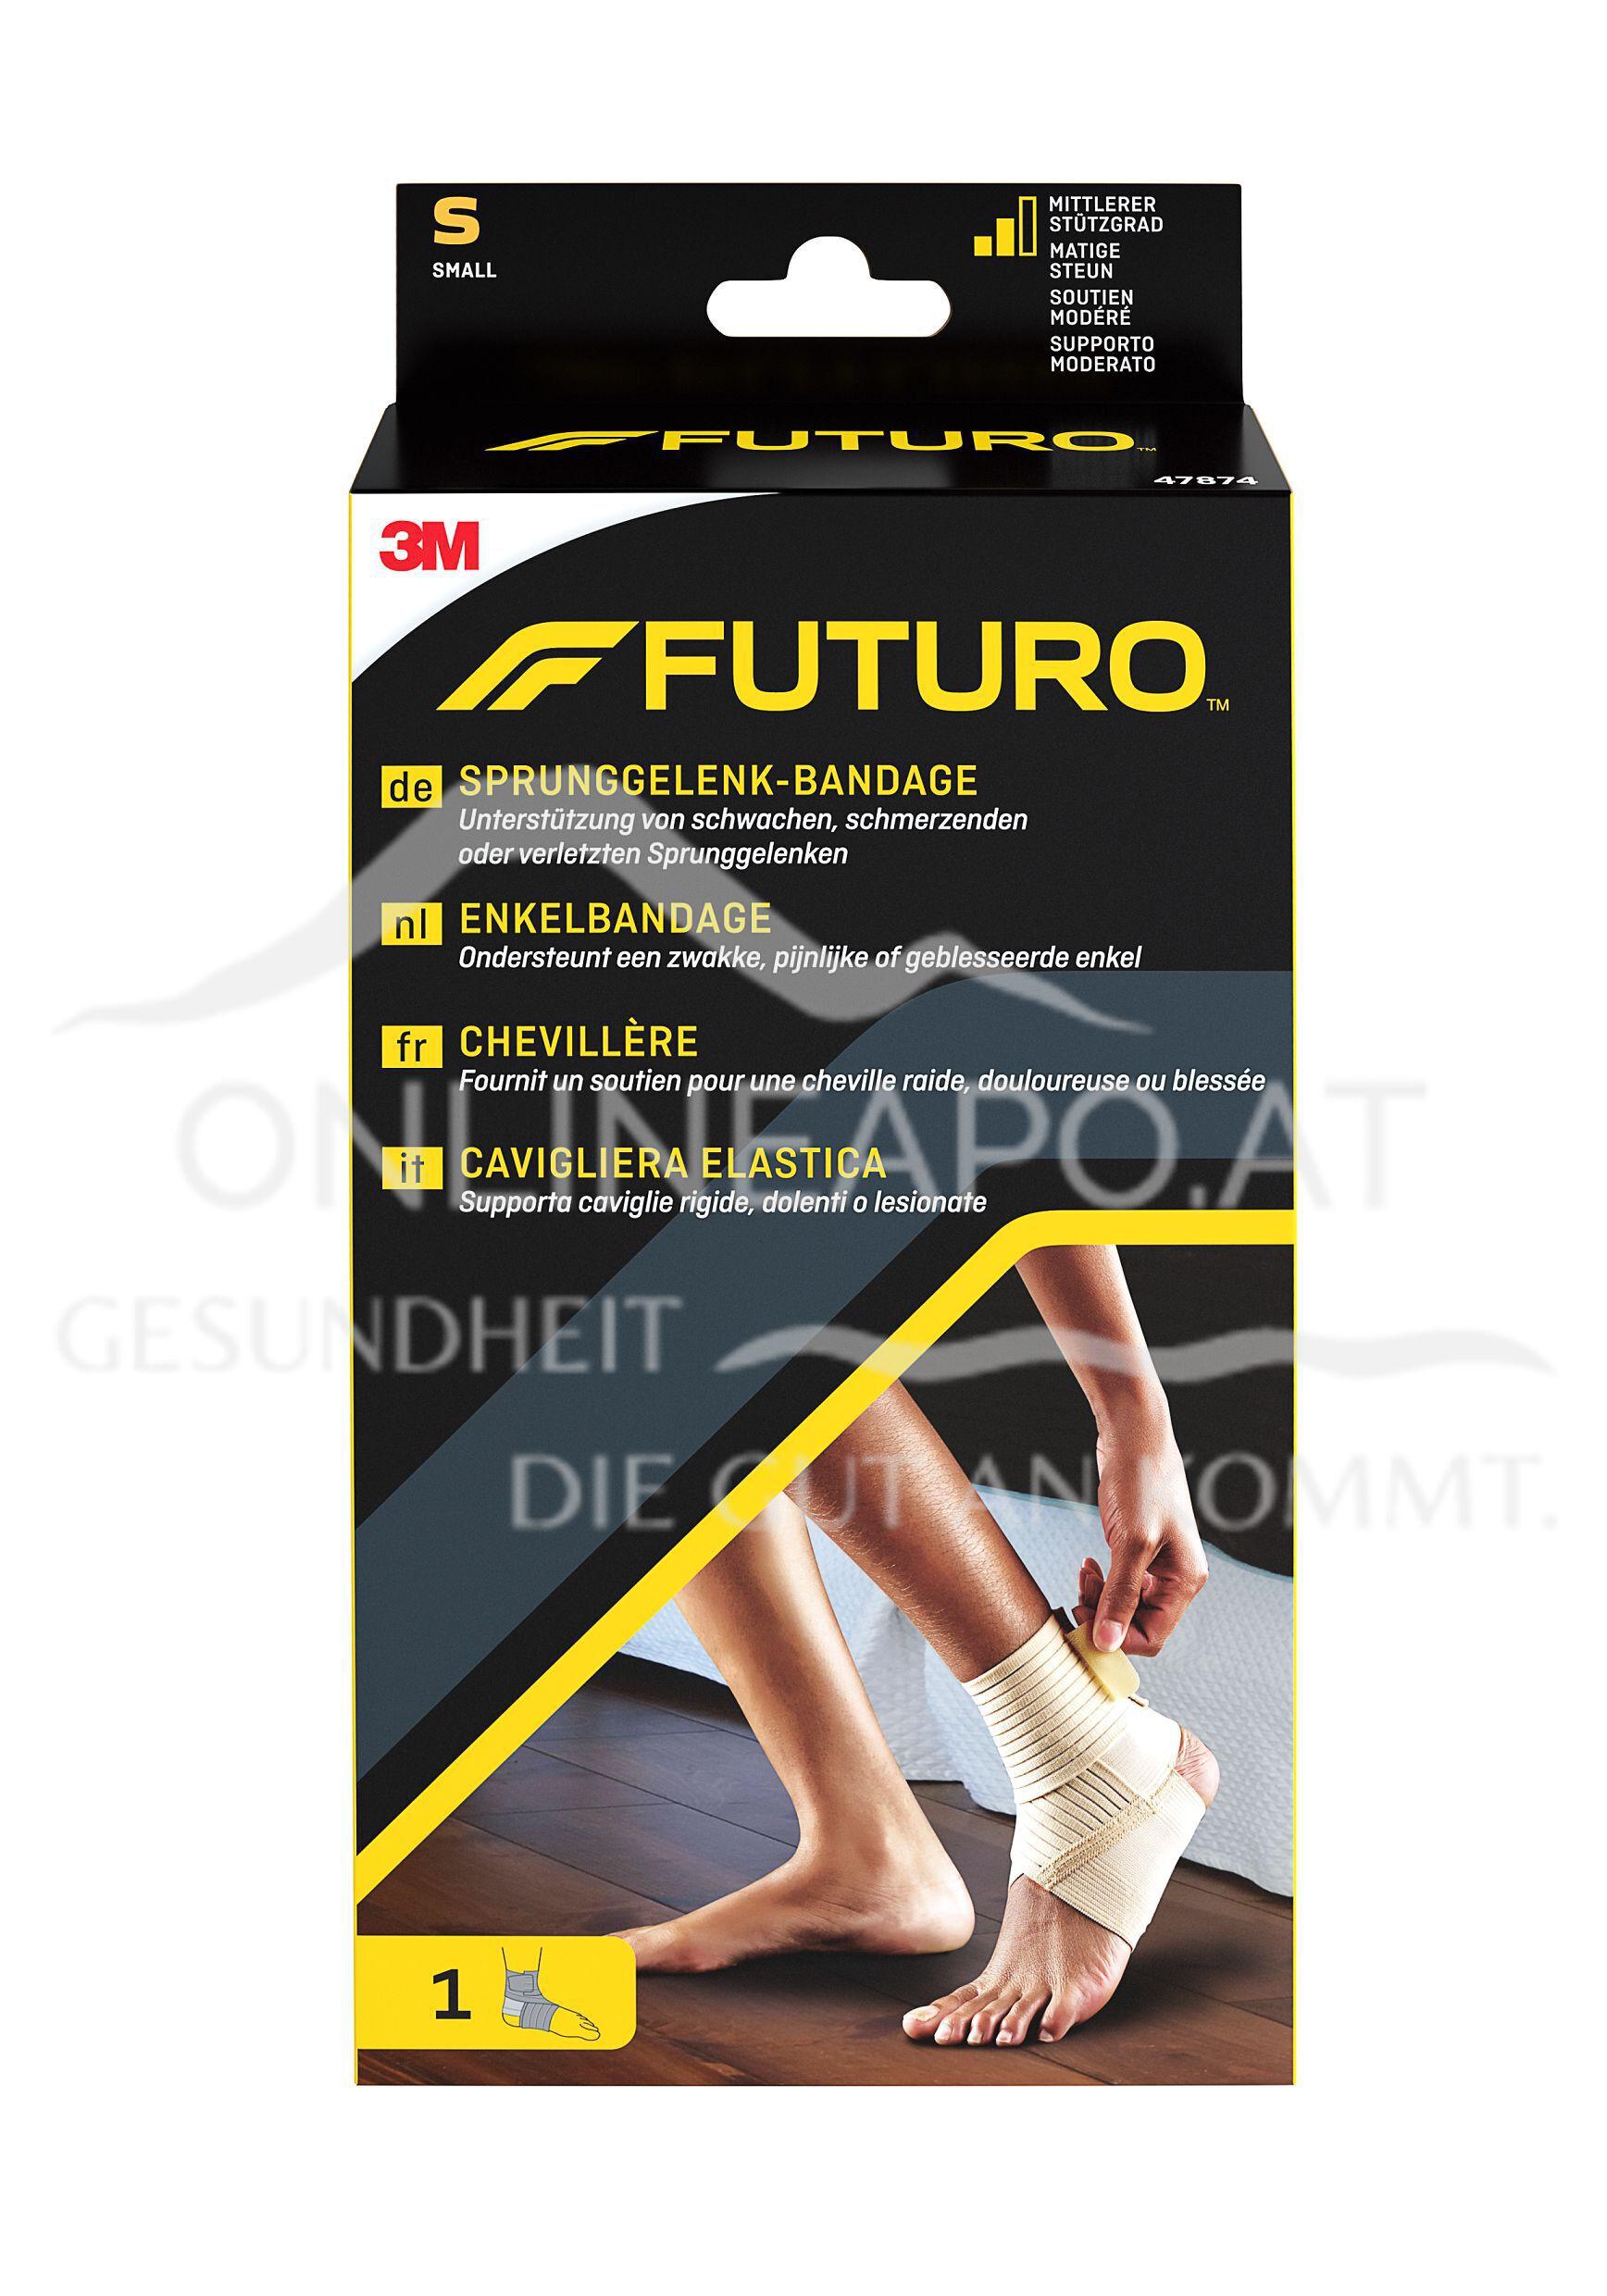 Futuro Sprunggelenk-Bandage